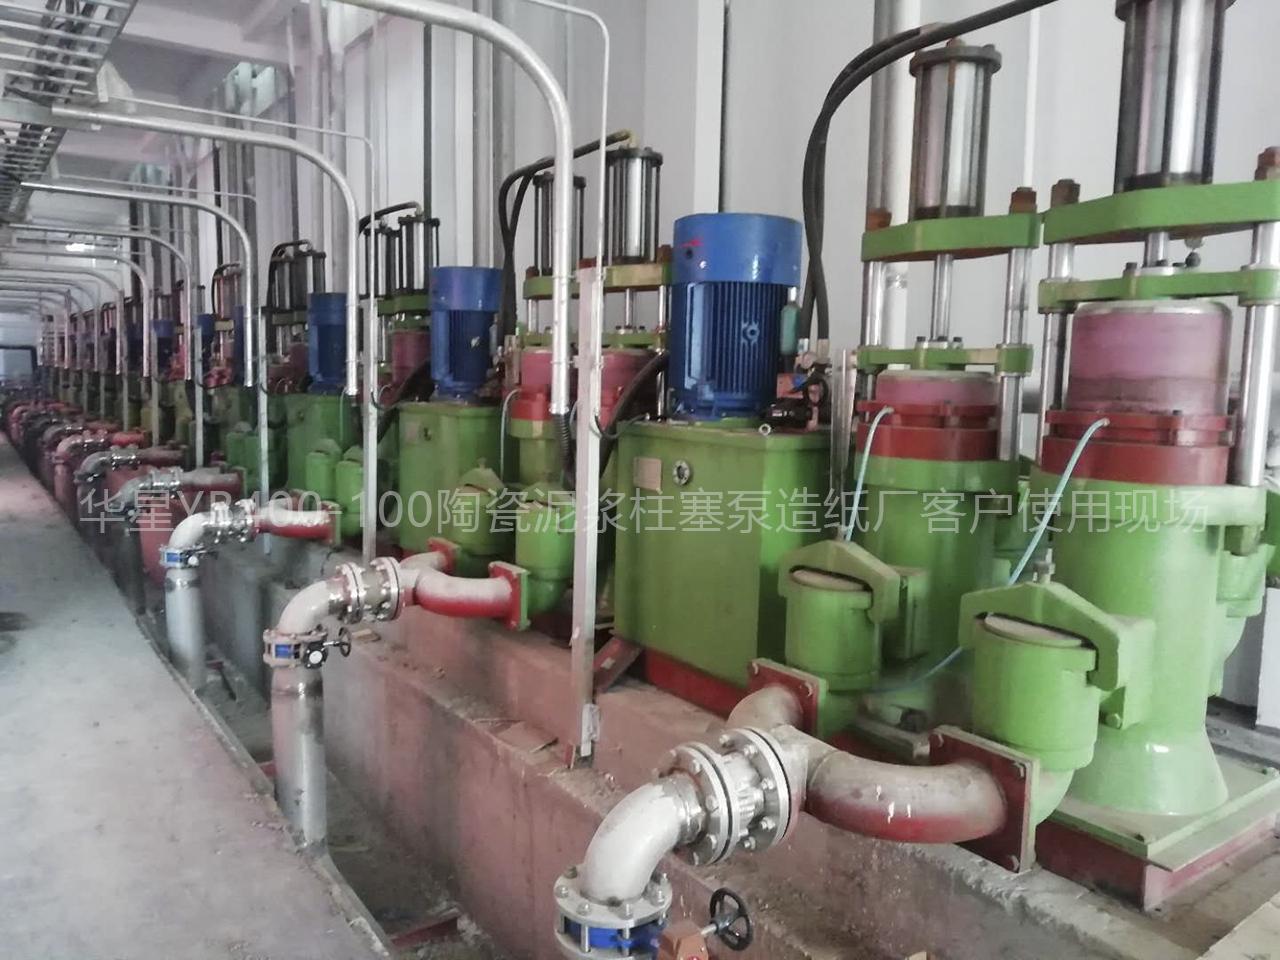 华星YB400-100柱塞泥浆泵造纸厂客户使用现场